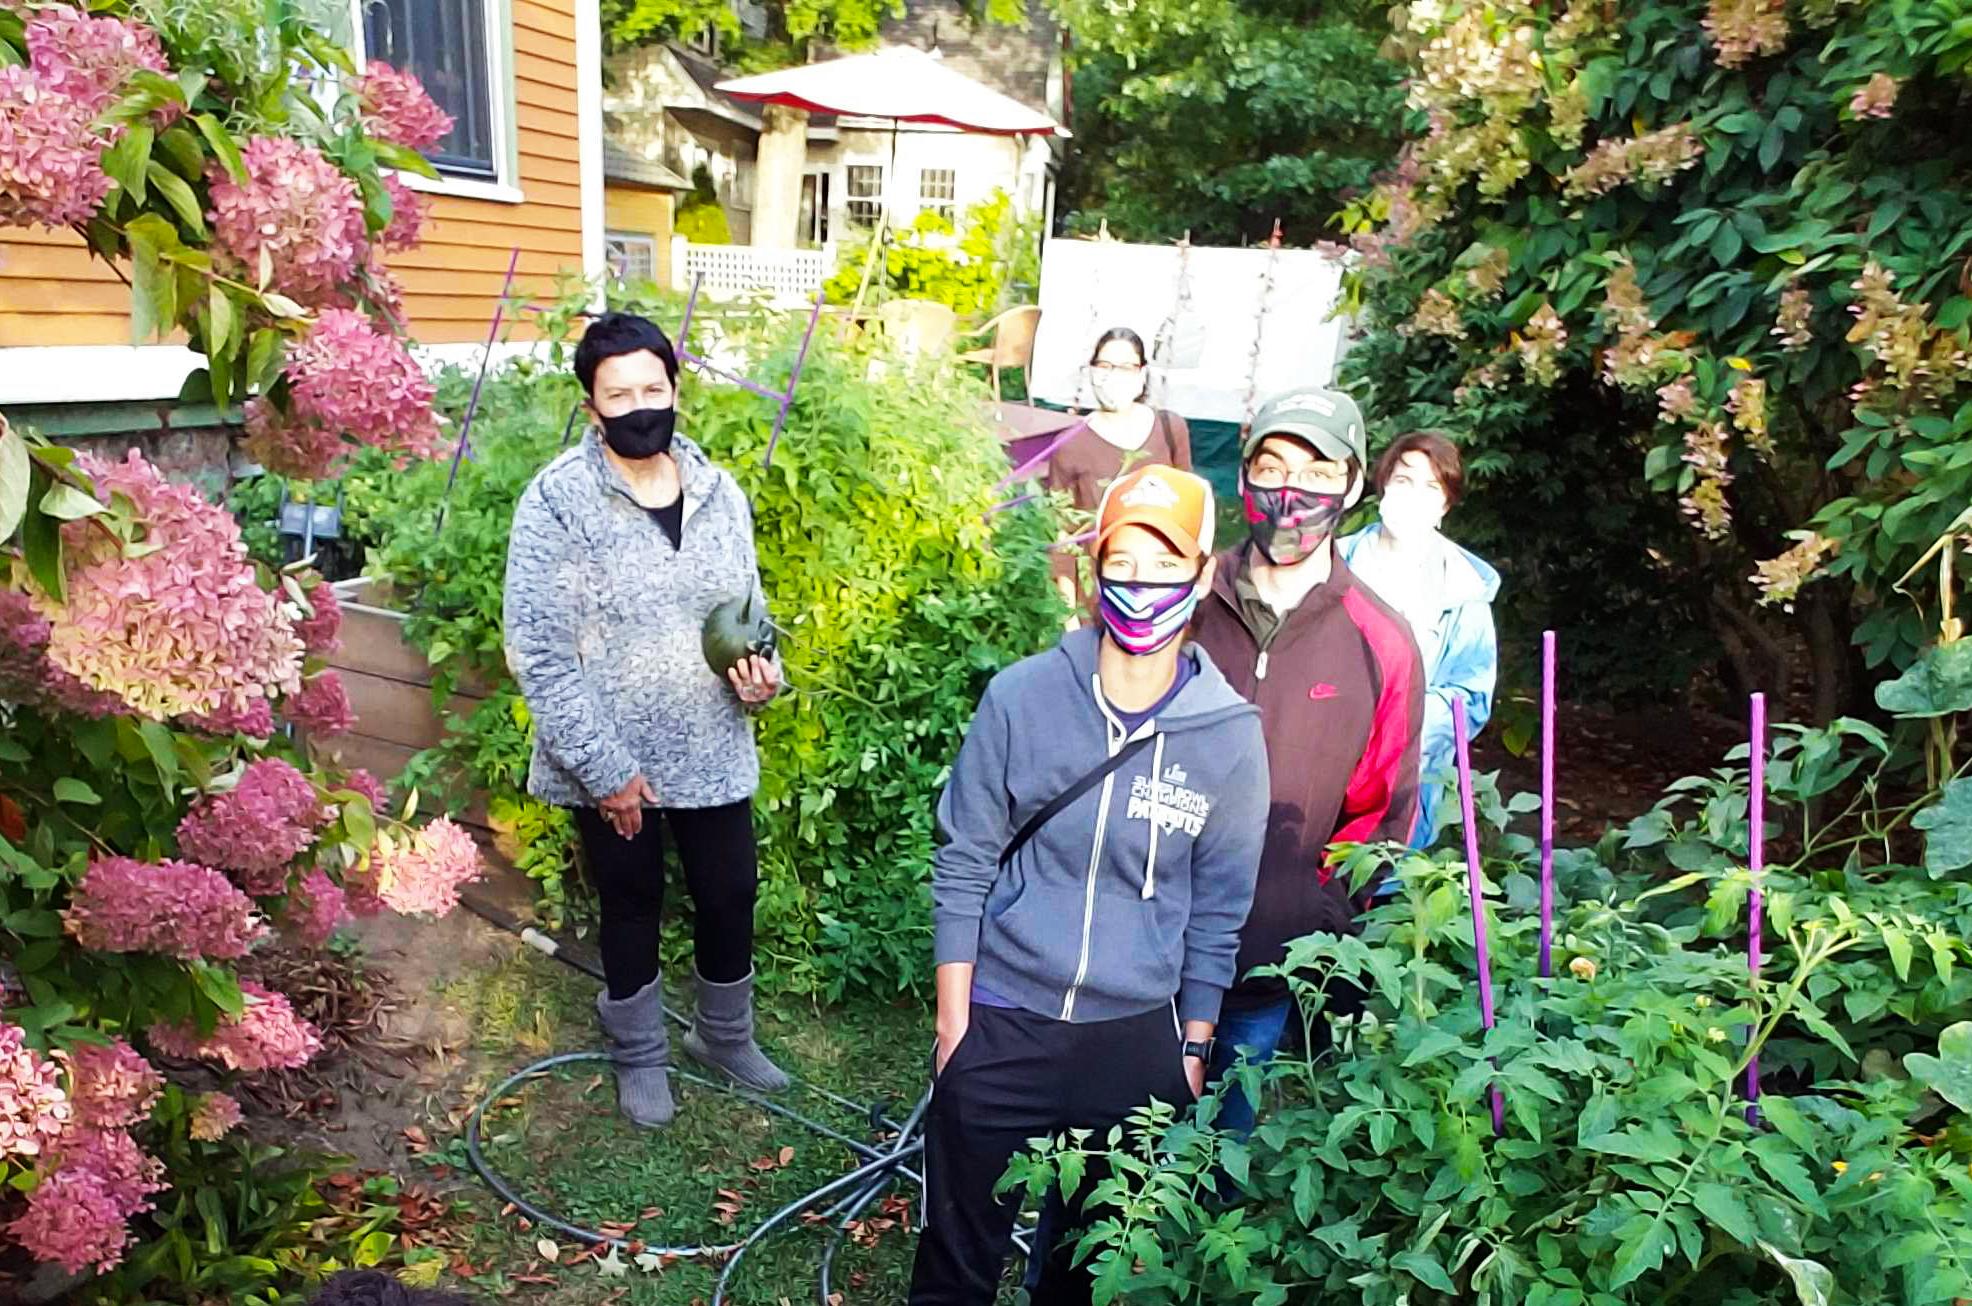 The Jewish Volunteer Gardening Brigade on a Sukkot garden visit (Photo: Leora Mallach)